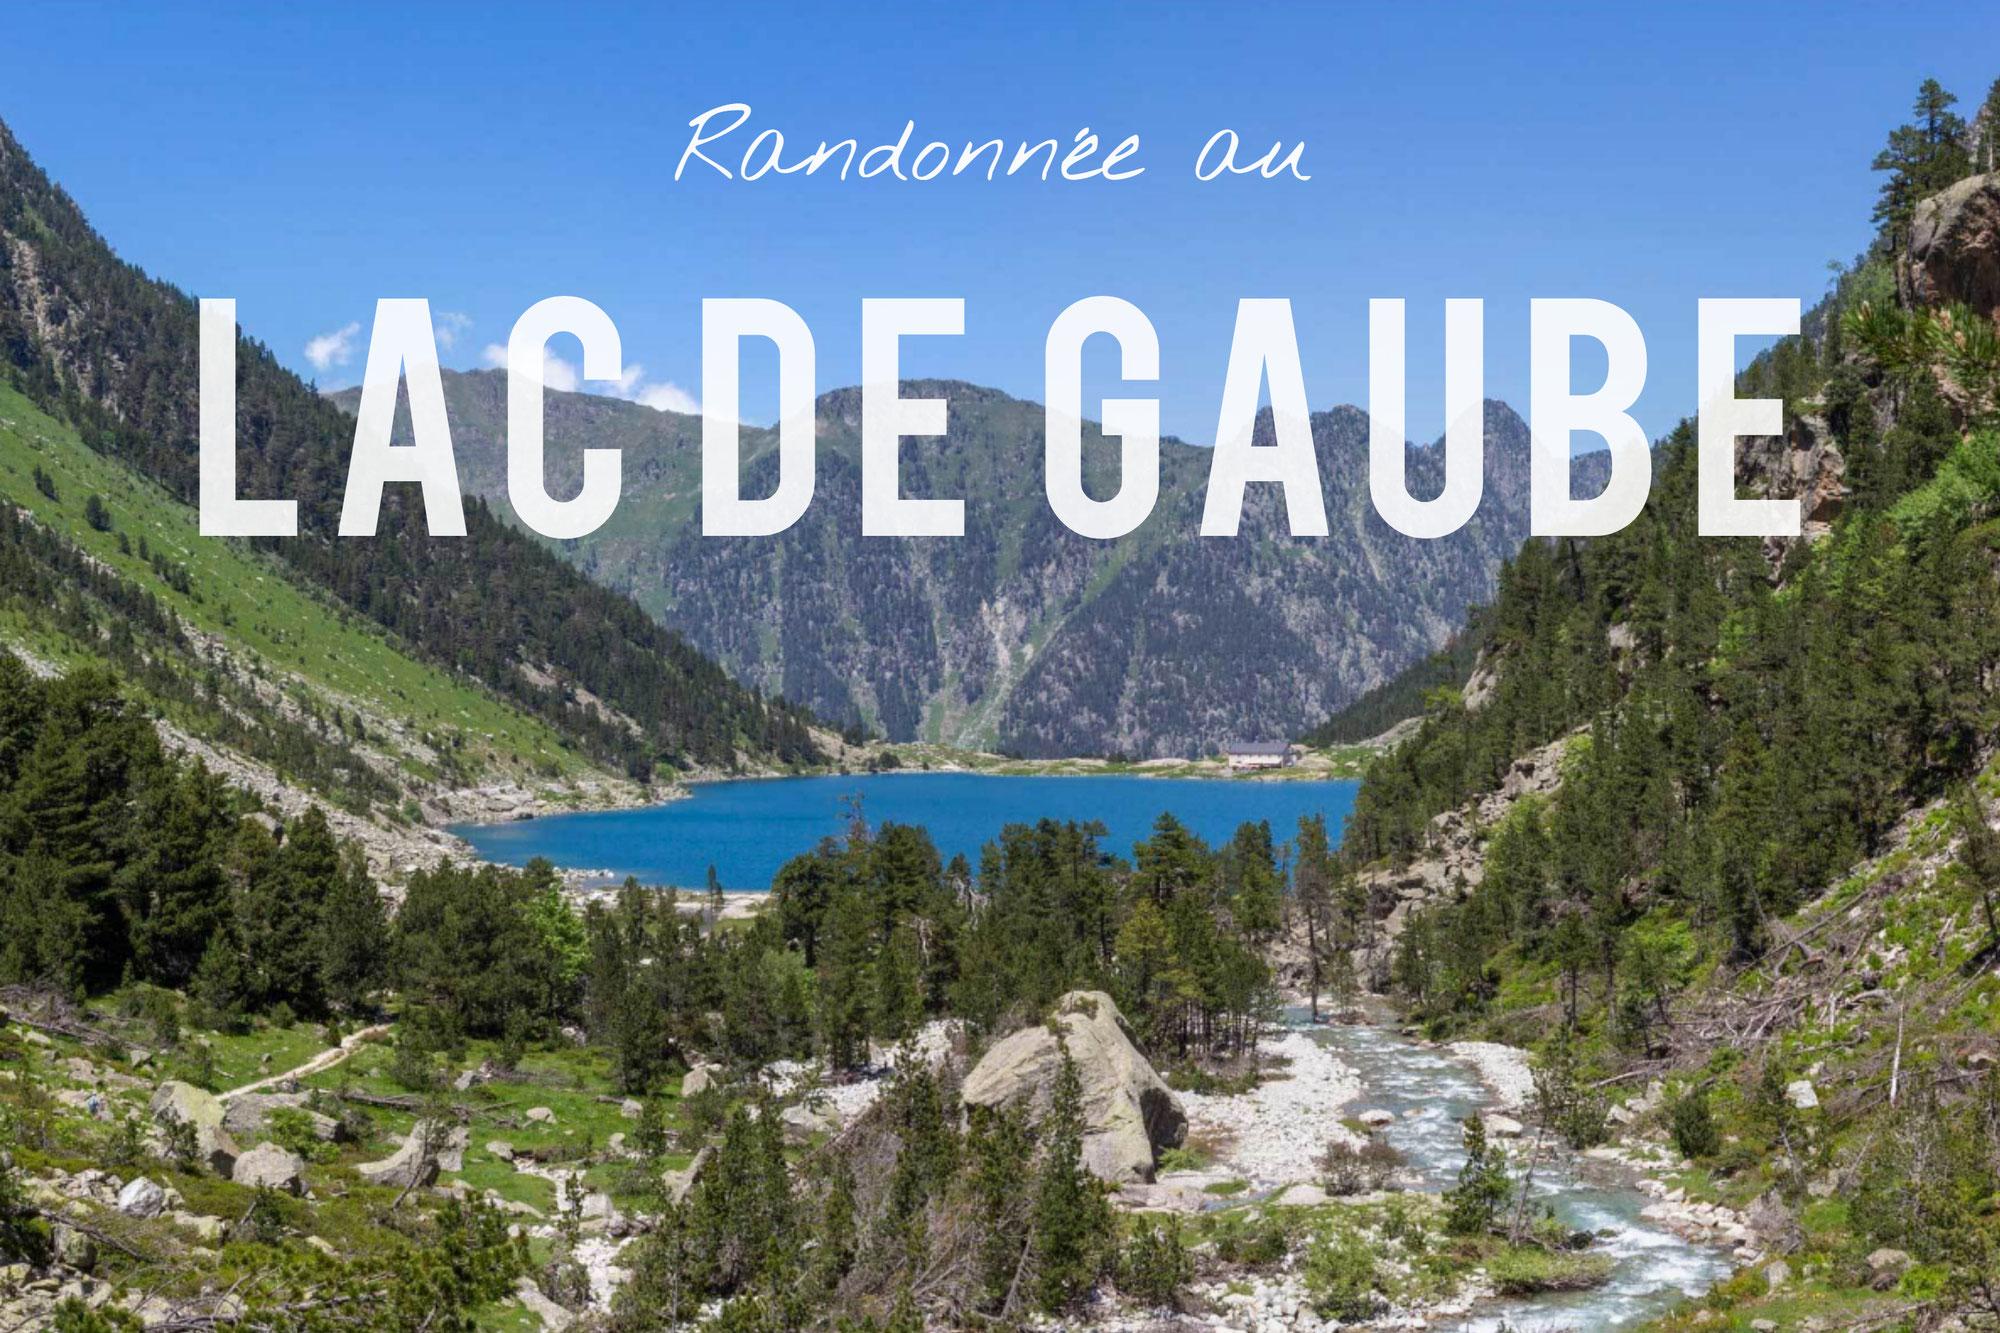 Randonnée au Lac de Gaube